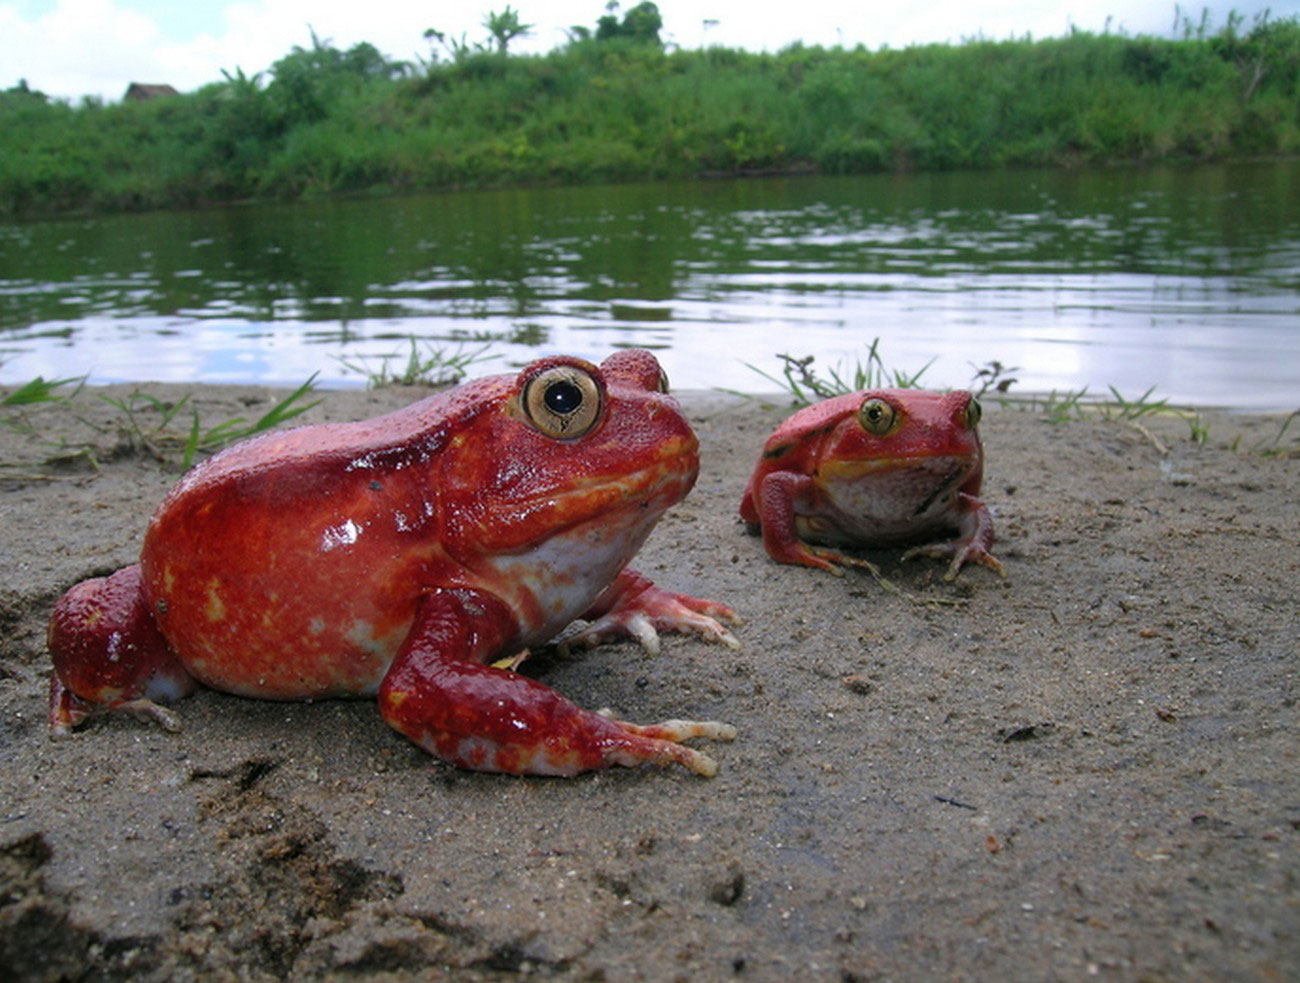 лягушка томатный узкорот, фото из царства животных